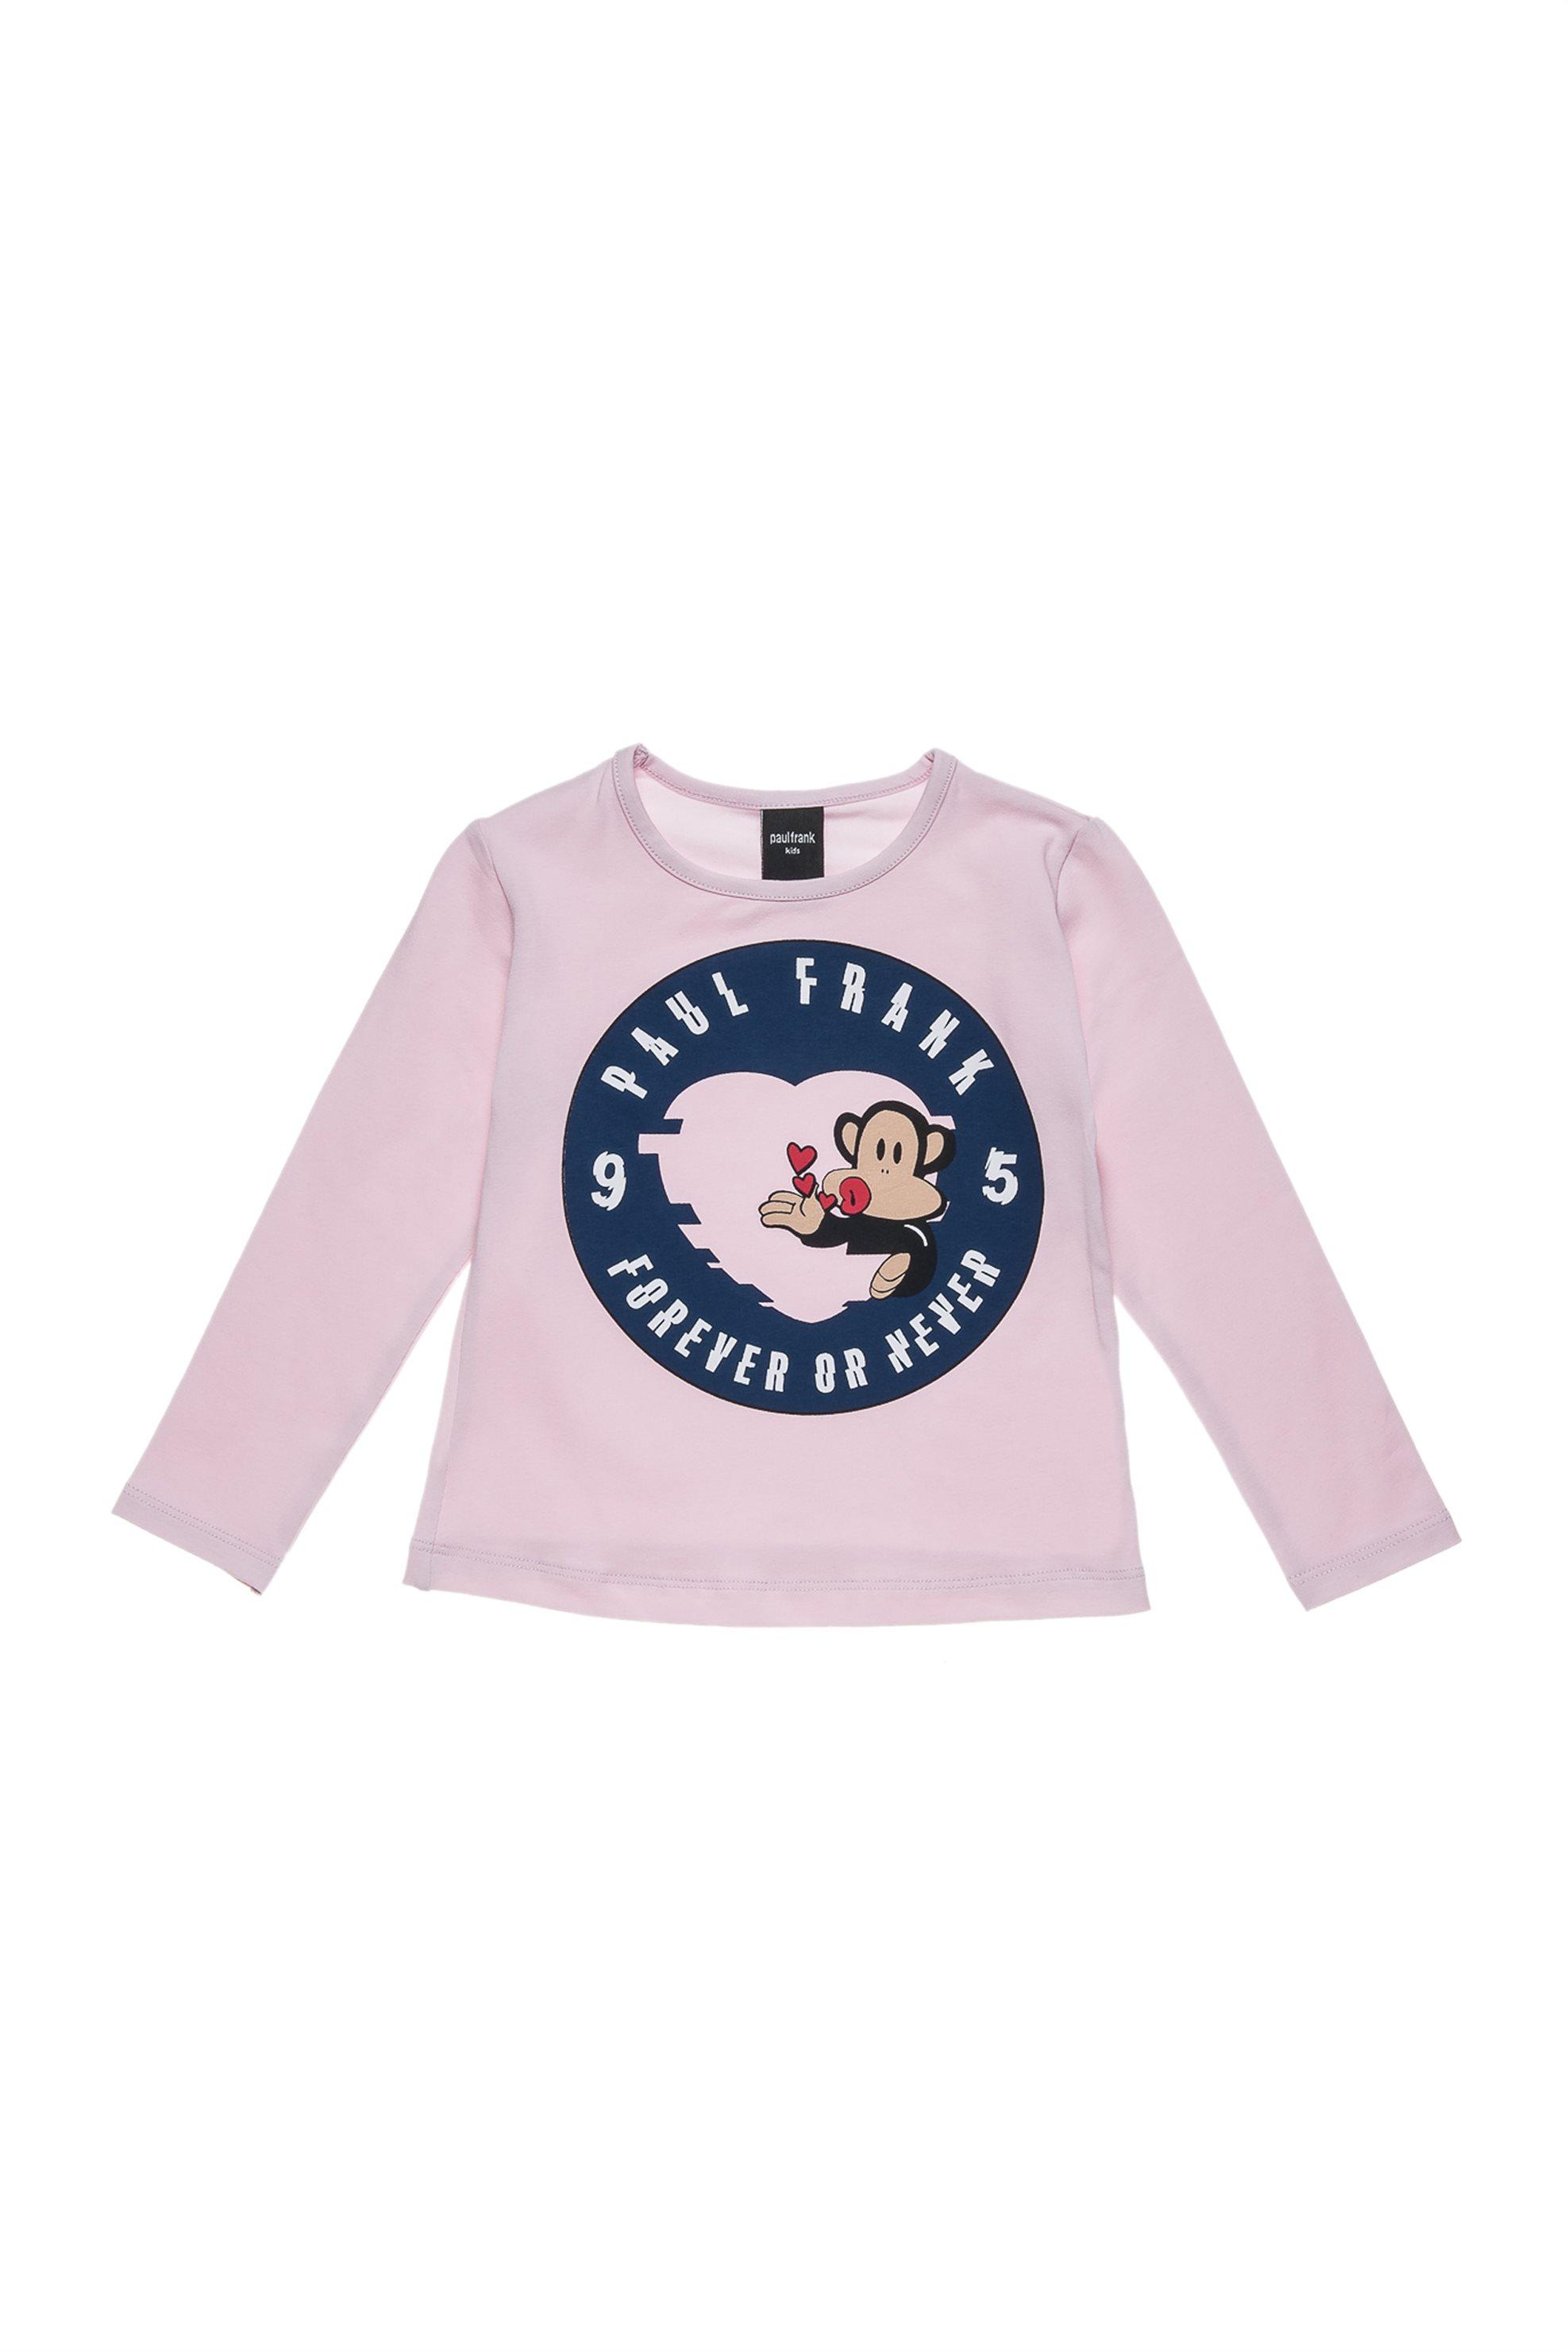 Βρεφική μπλούζα forever or never (18 μηνών-5 ετών) Paul Frank Collection - 00320 παιδι   βρεφικα κοριτσι   0 3 ετων   κοριτσι   4 14 ετων   ρούχα   tops   παντελ